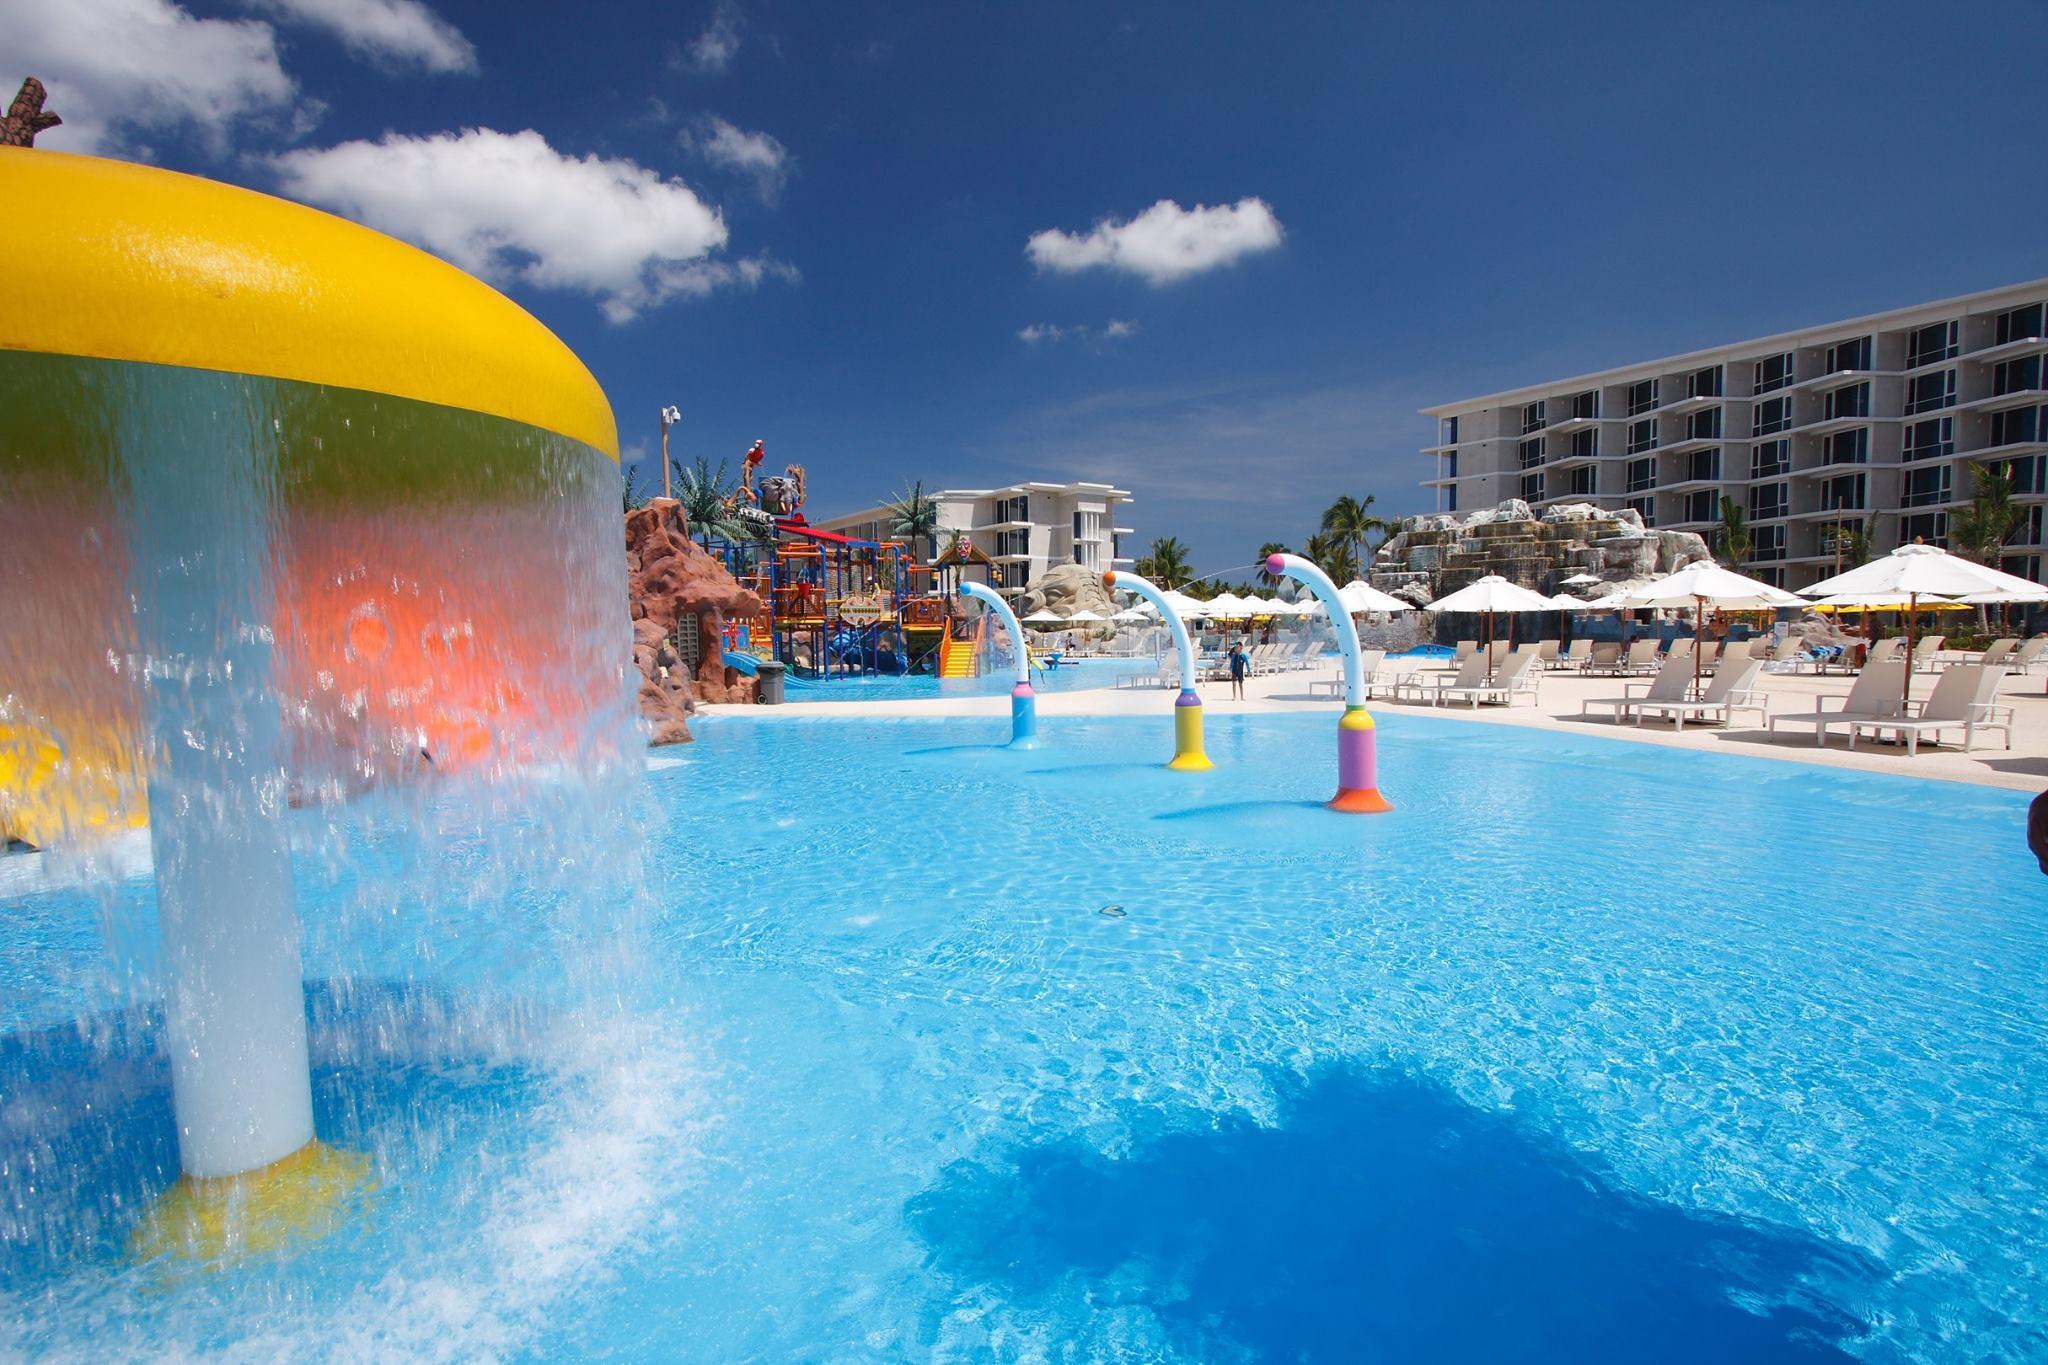 酒店旁邊的水上樂園 - 布吉 SPLASH JUNGLE 熱帶叢林水上樂園